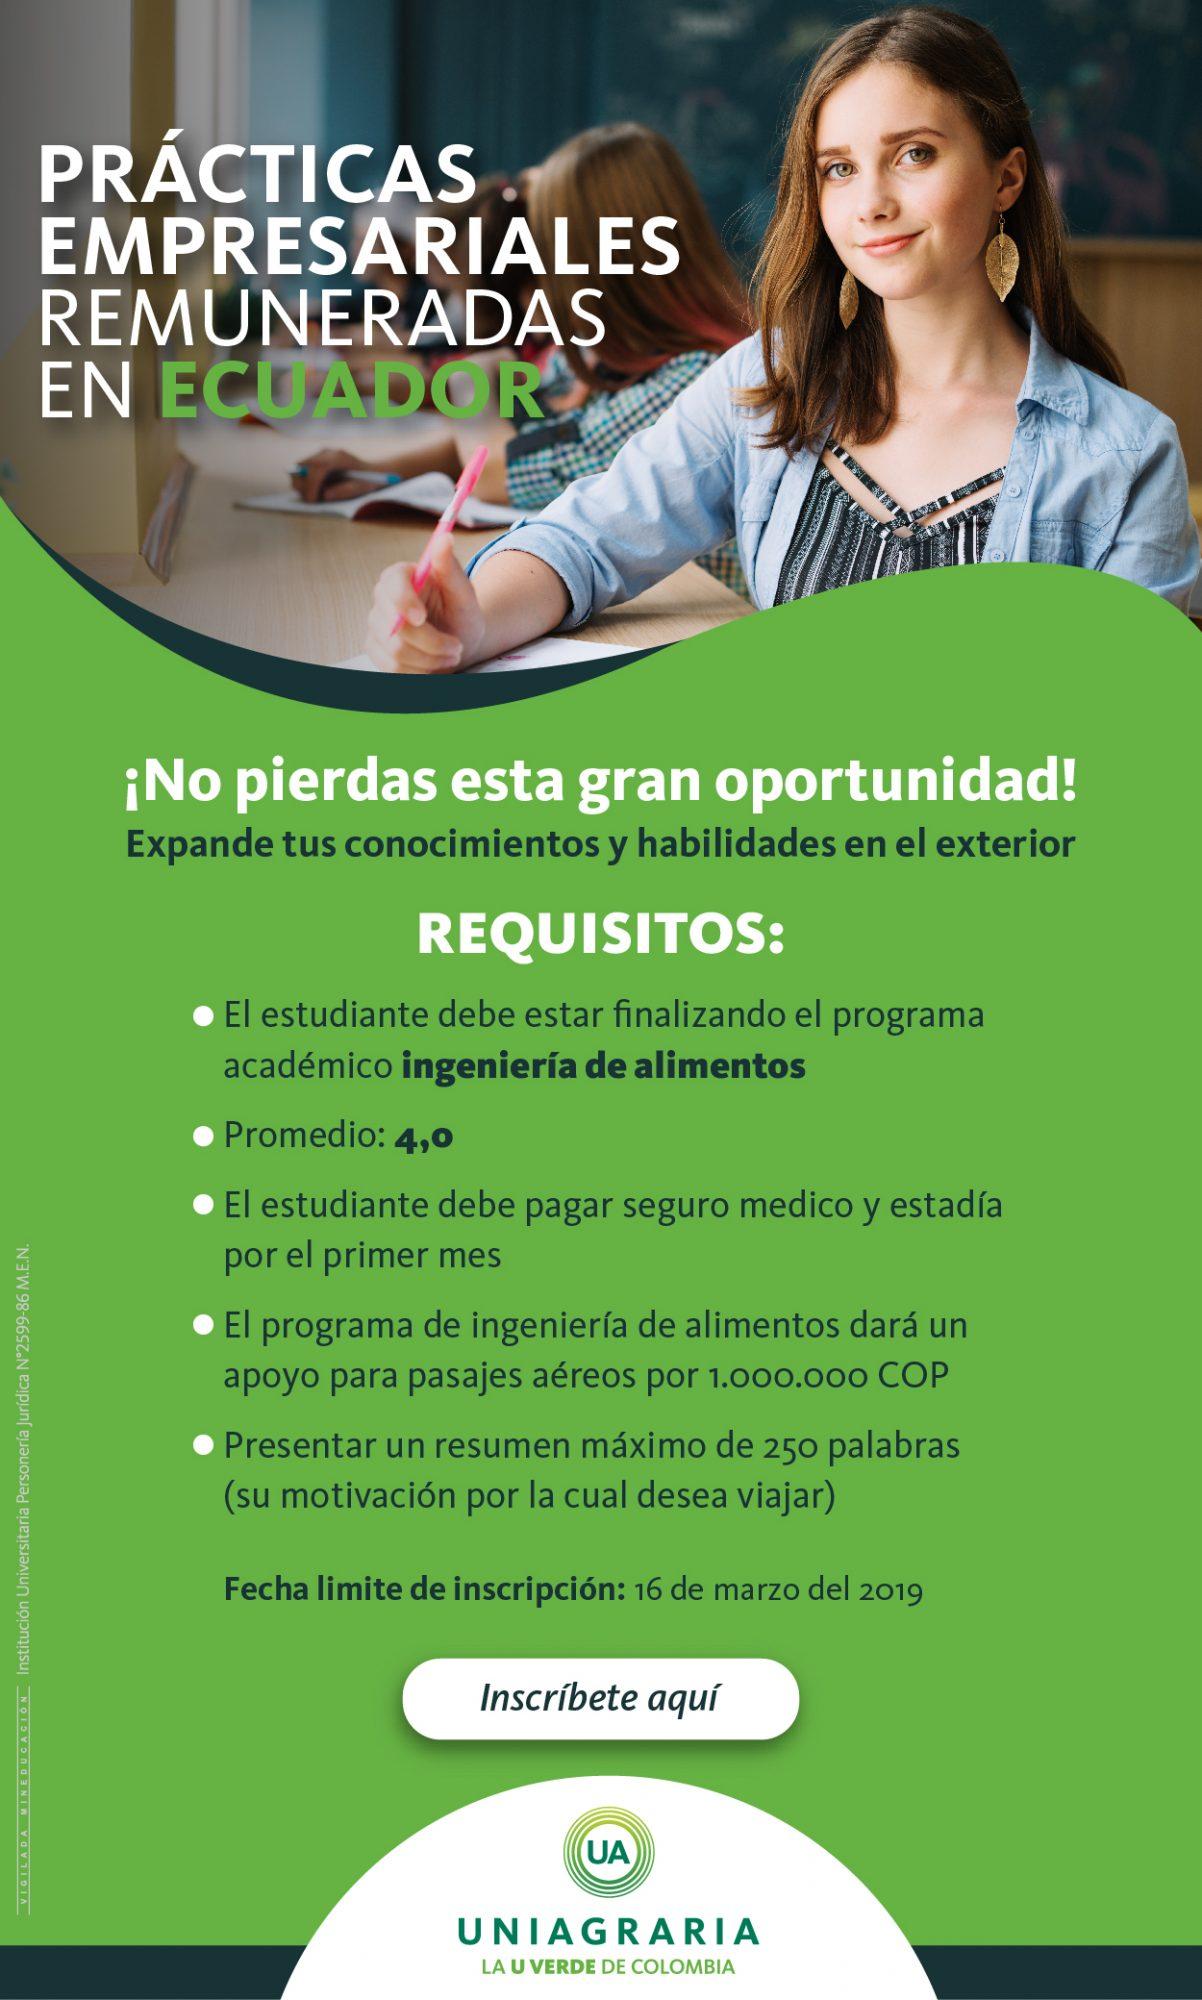 Prácticas empresariales remuneradas en Ecuador